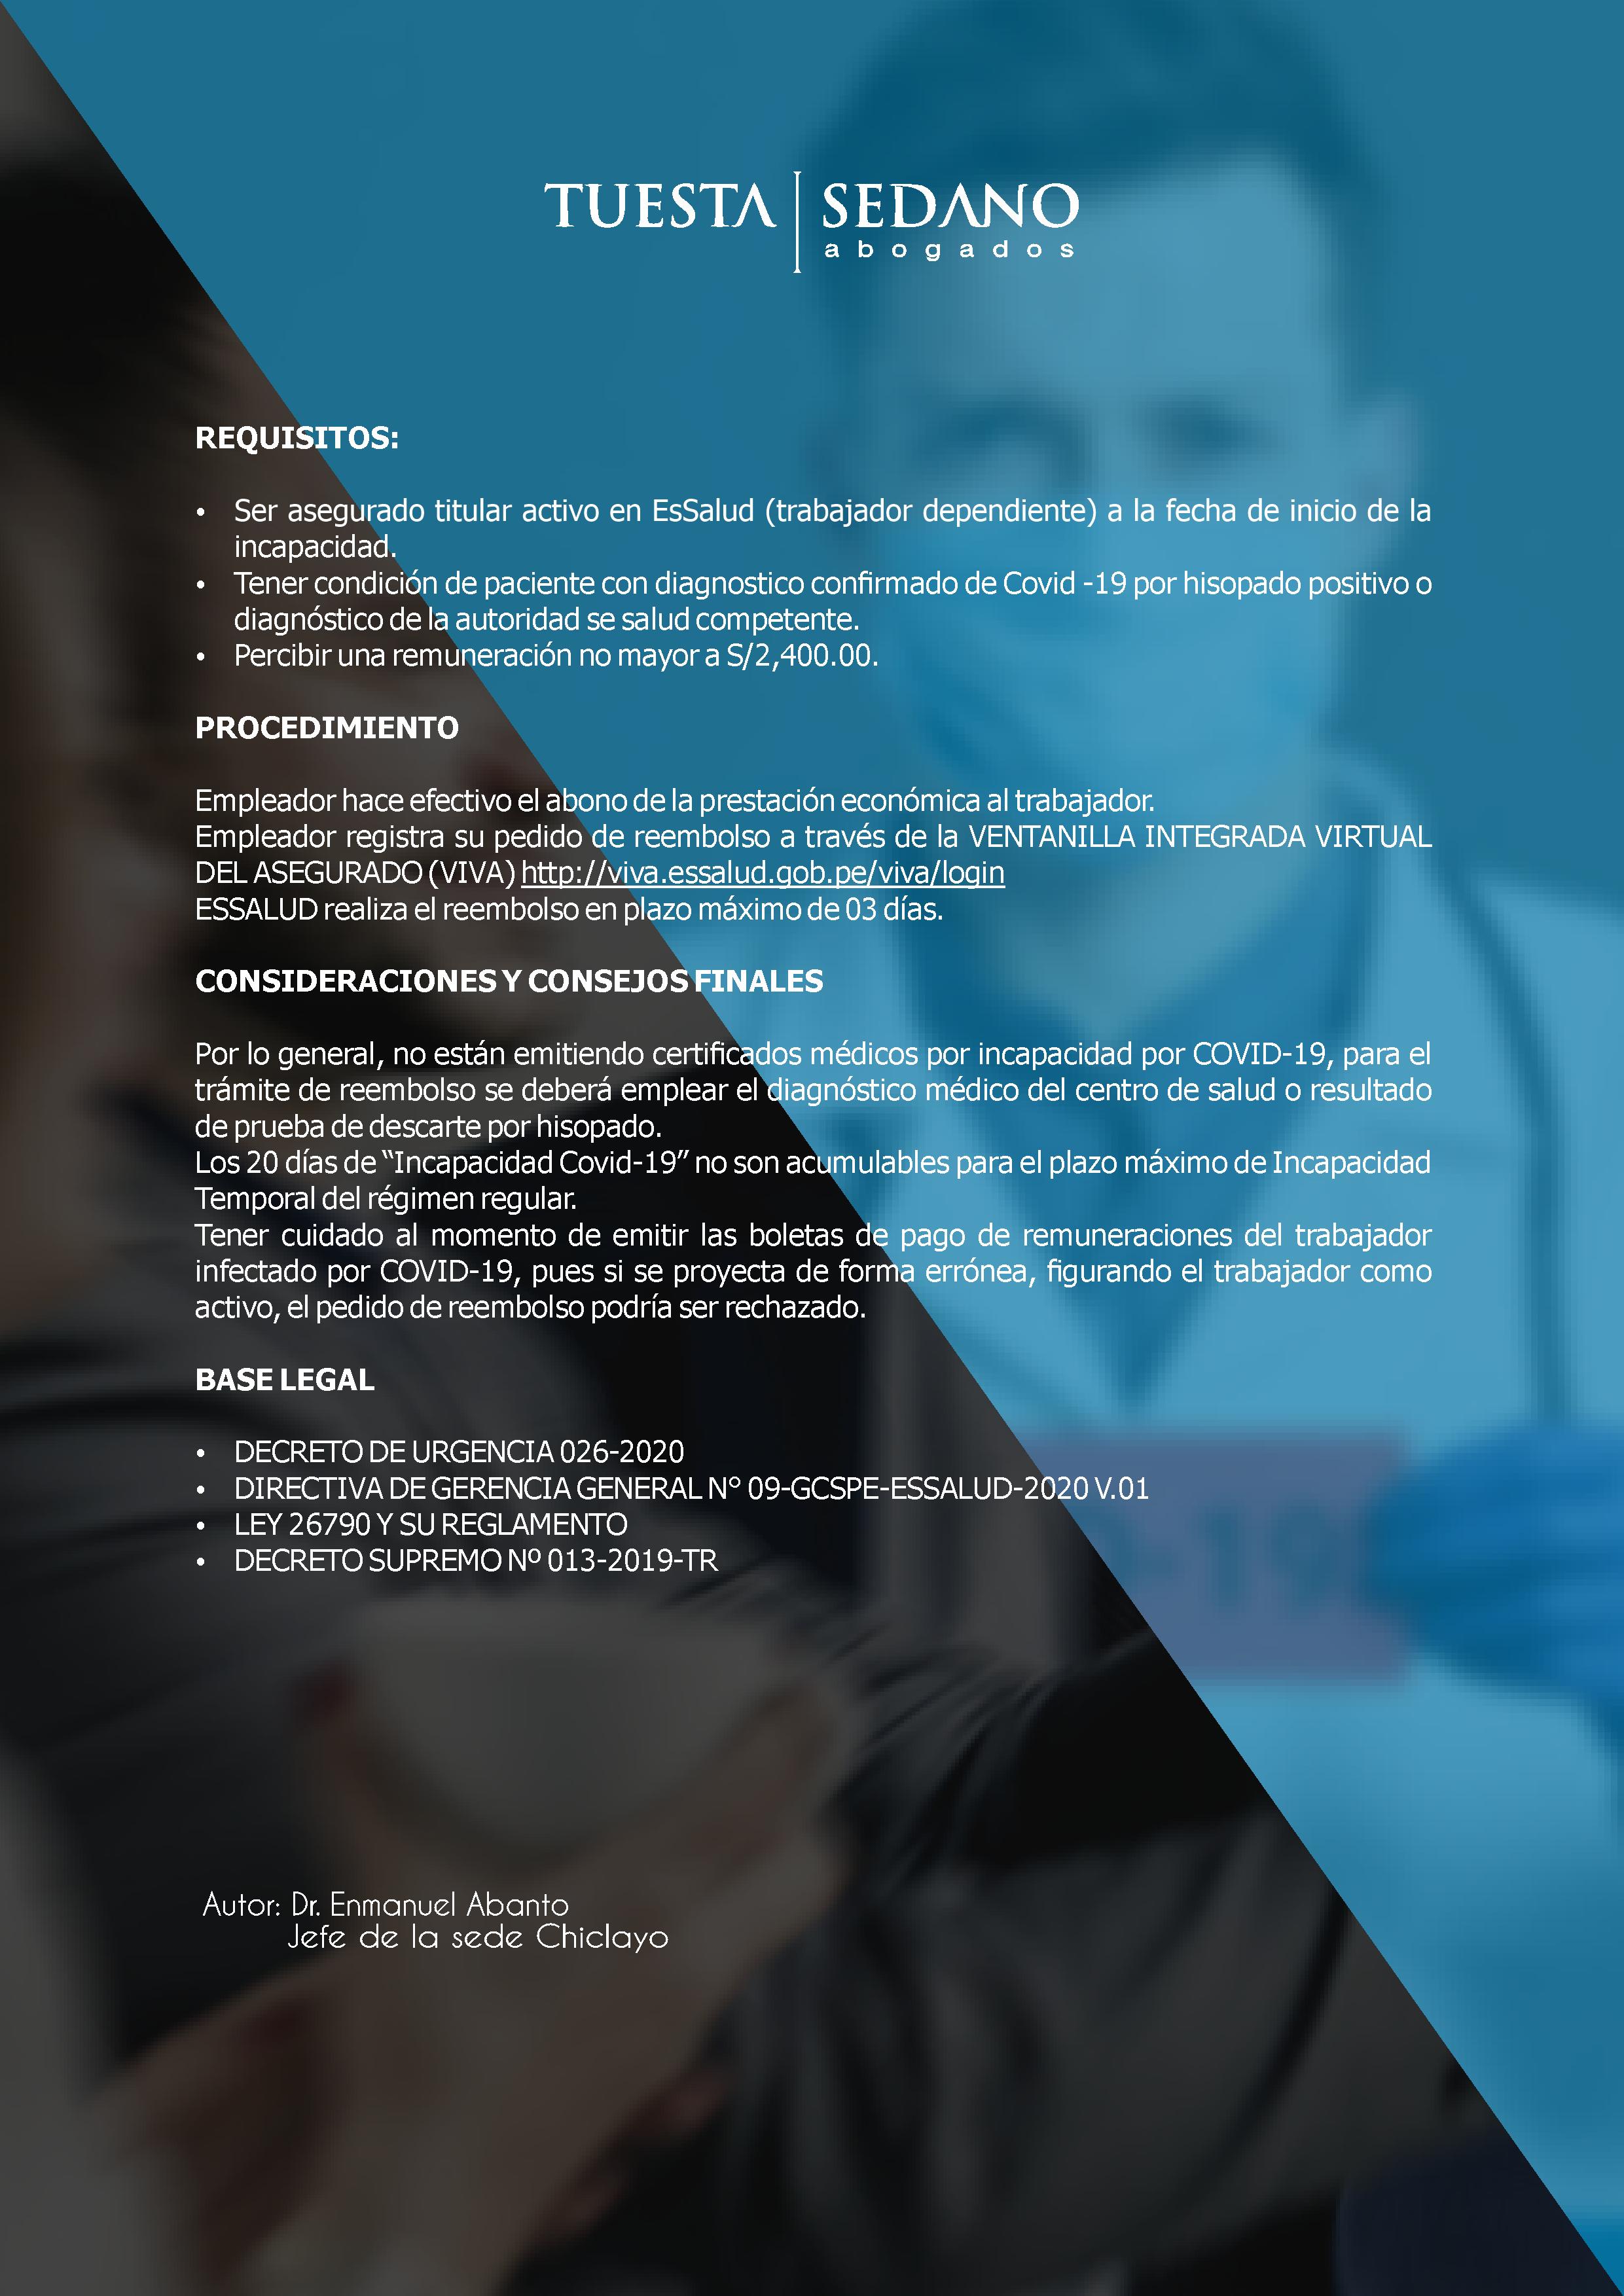 3-SUBSIDIO EXCEPCIONAL DE INCAPACIDAD TEMPORAL POR COVID -19